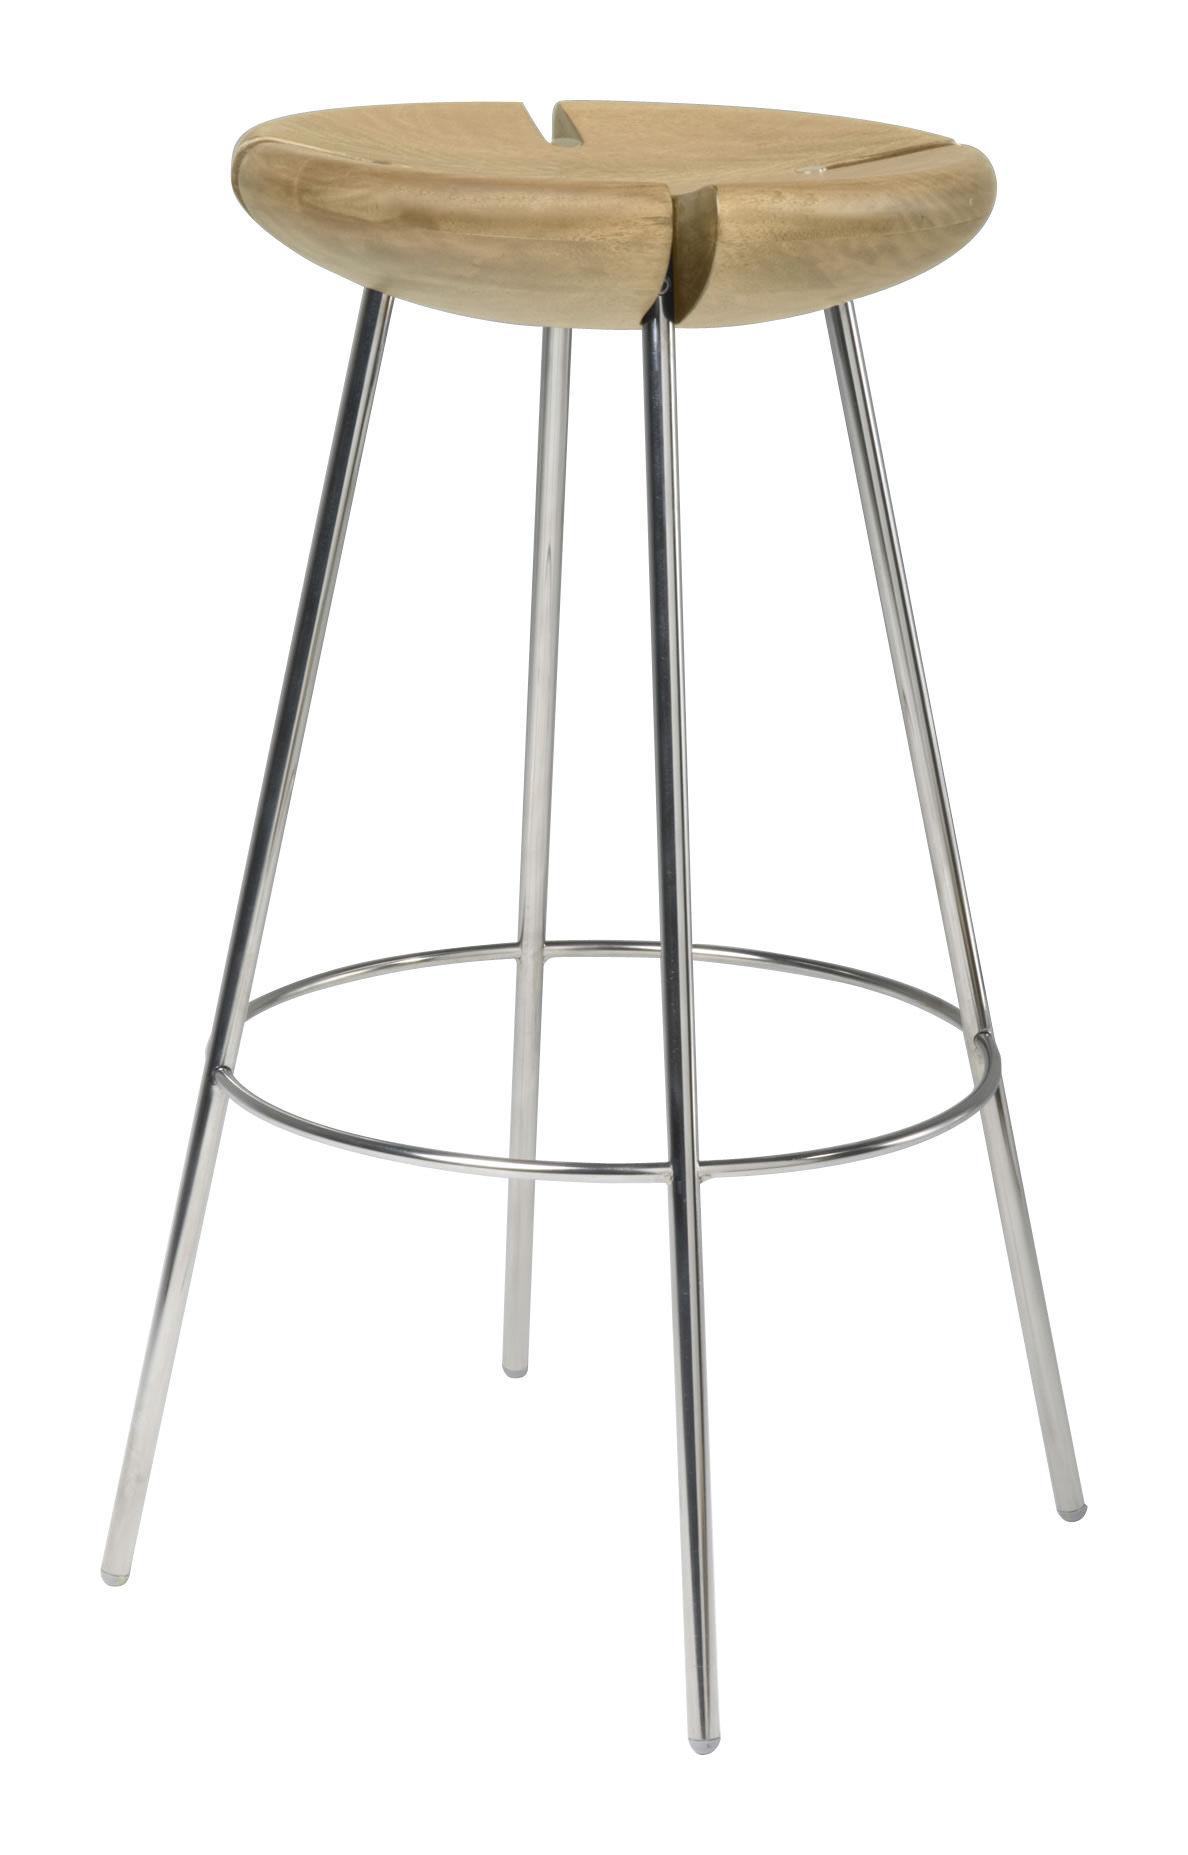 Arredamento - Sgabelli da bar  - Sgabello bar Tribo - H 76 cm di Objekto - Seduta in legno naturale di quercia/Struttura in acciaio inox - Acier inoxydable poli recyclé, Rovere